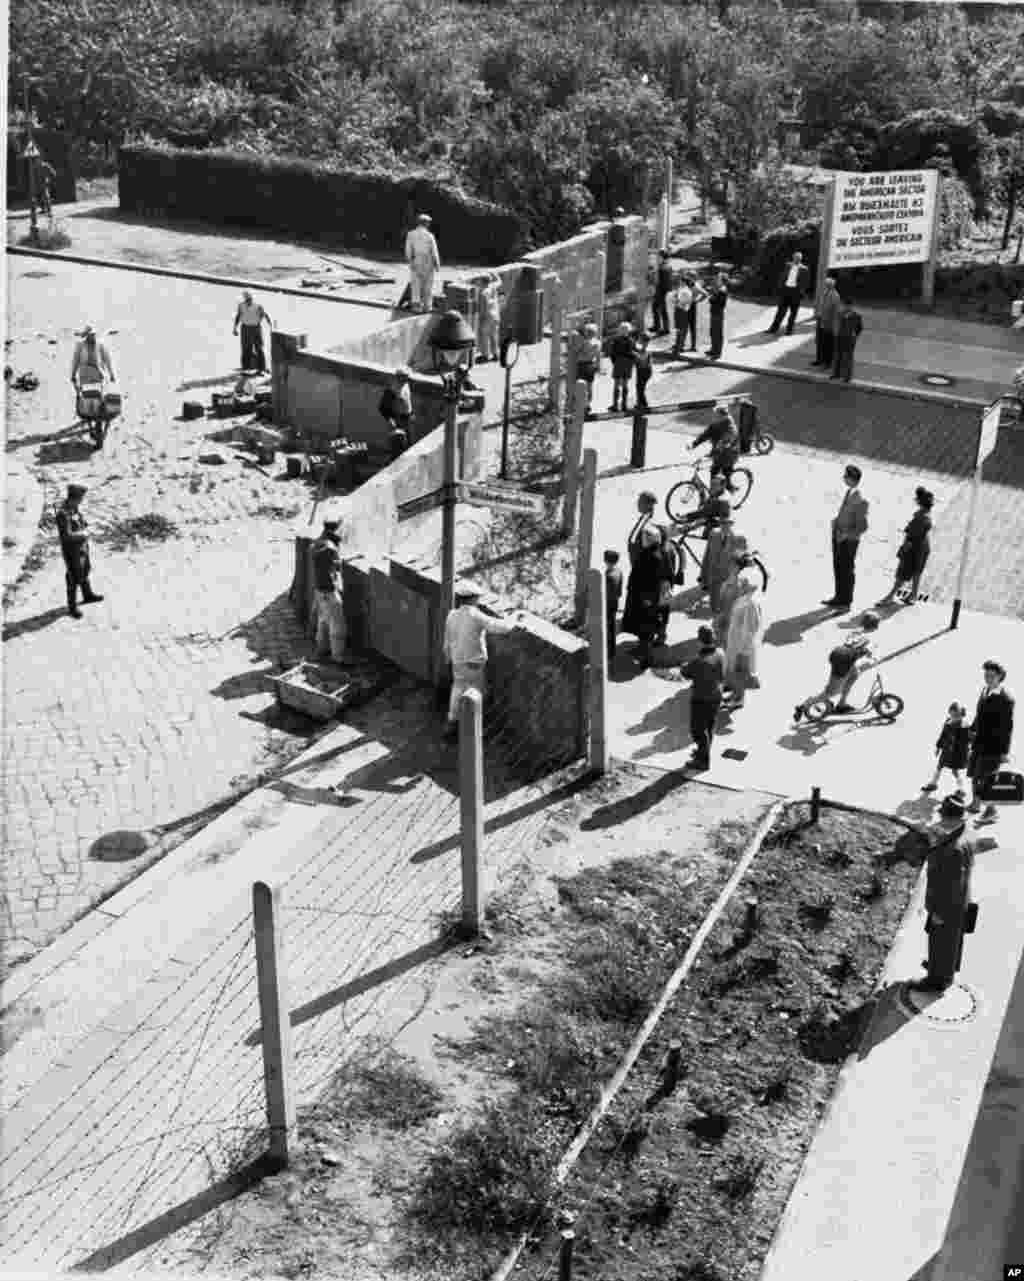 ARCHIV - Westberliner schauen im August 1961 Ostberliner Arbeitern bei der Errichtung der Berliner Mauer an der Wildenbruchstrasse und Heidelbergerstrasse zu. Am Donnerstag, den 13. August 2009, jaehrt sich der offizielle Tag des Mauerbaus zum 48. Mal. (